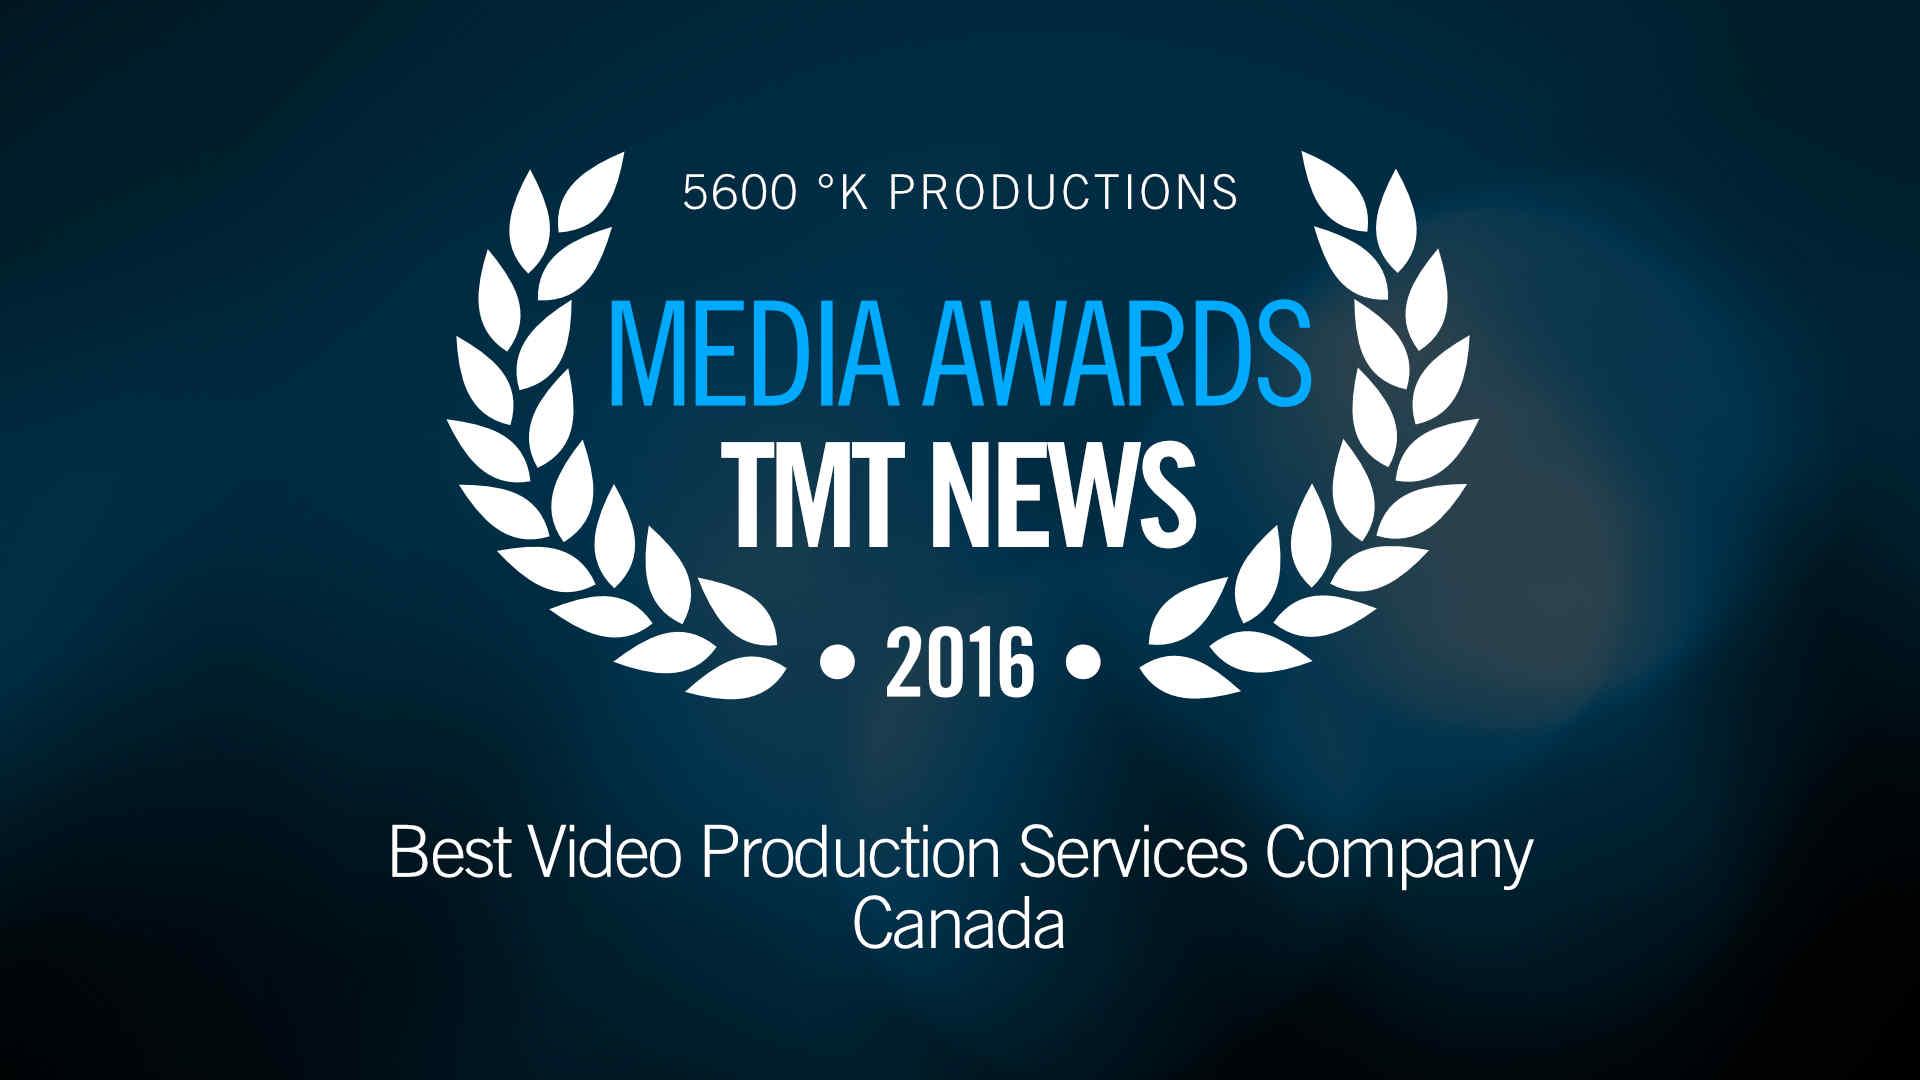 TMT News Media Awards 2016